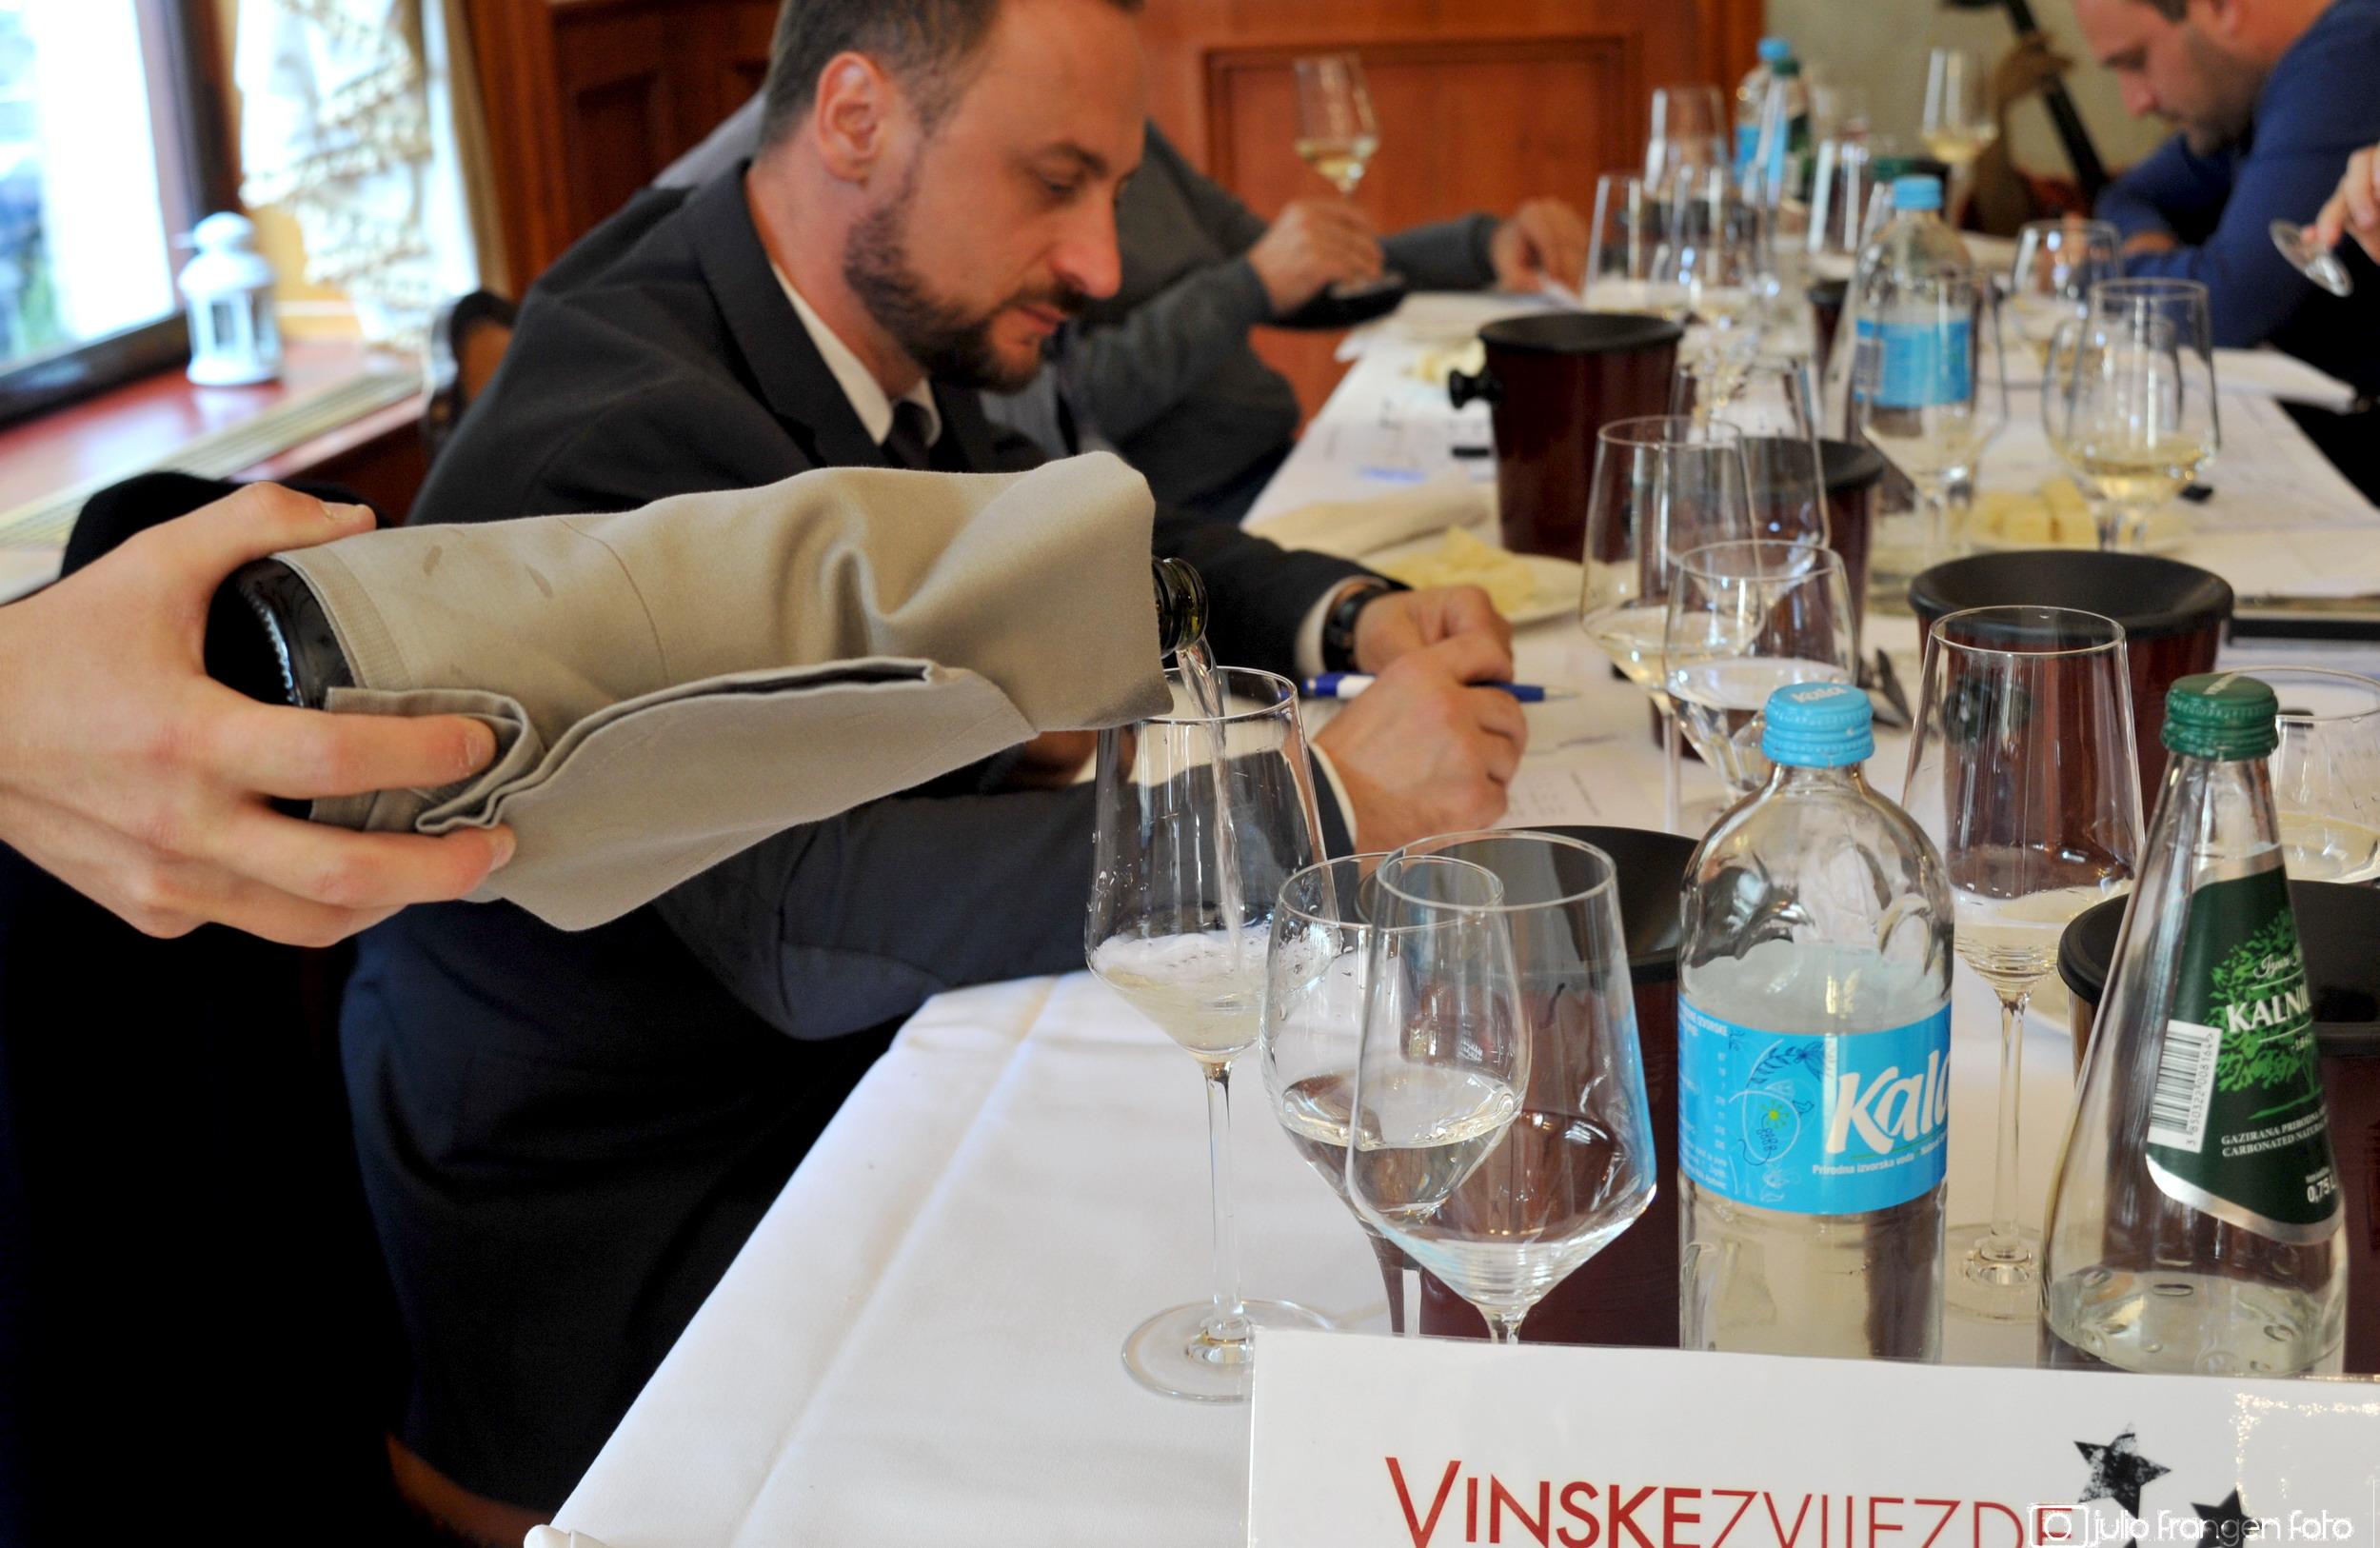 Vinske zvijezde #6: čudesno, veliko vino OCU, za sve očeve i iskrene ljubitelje vina!